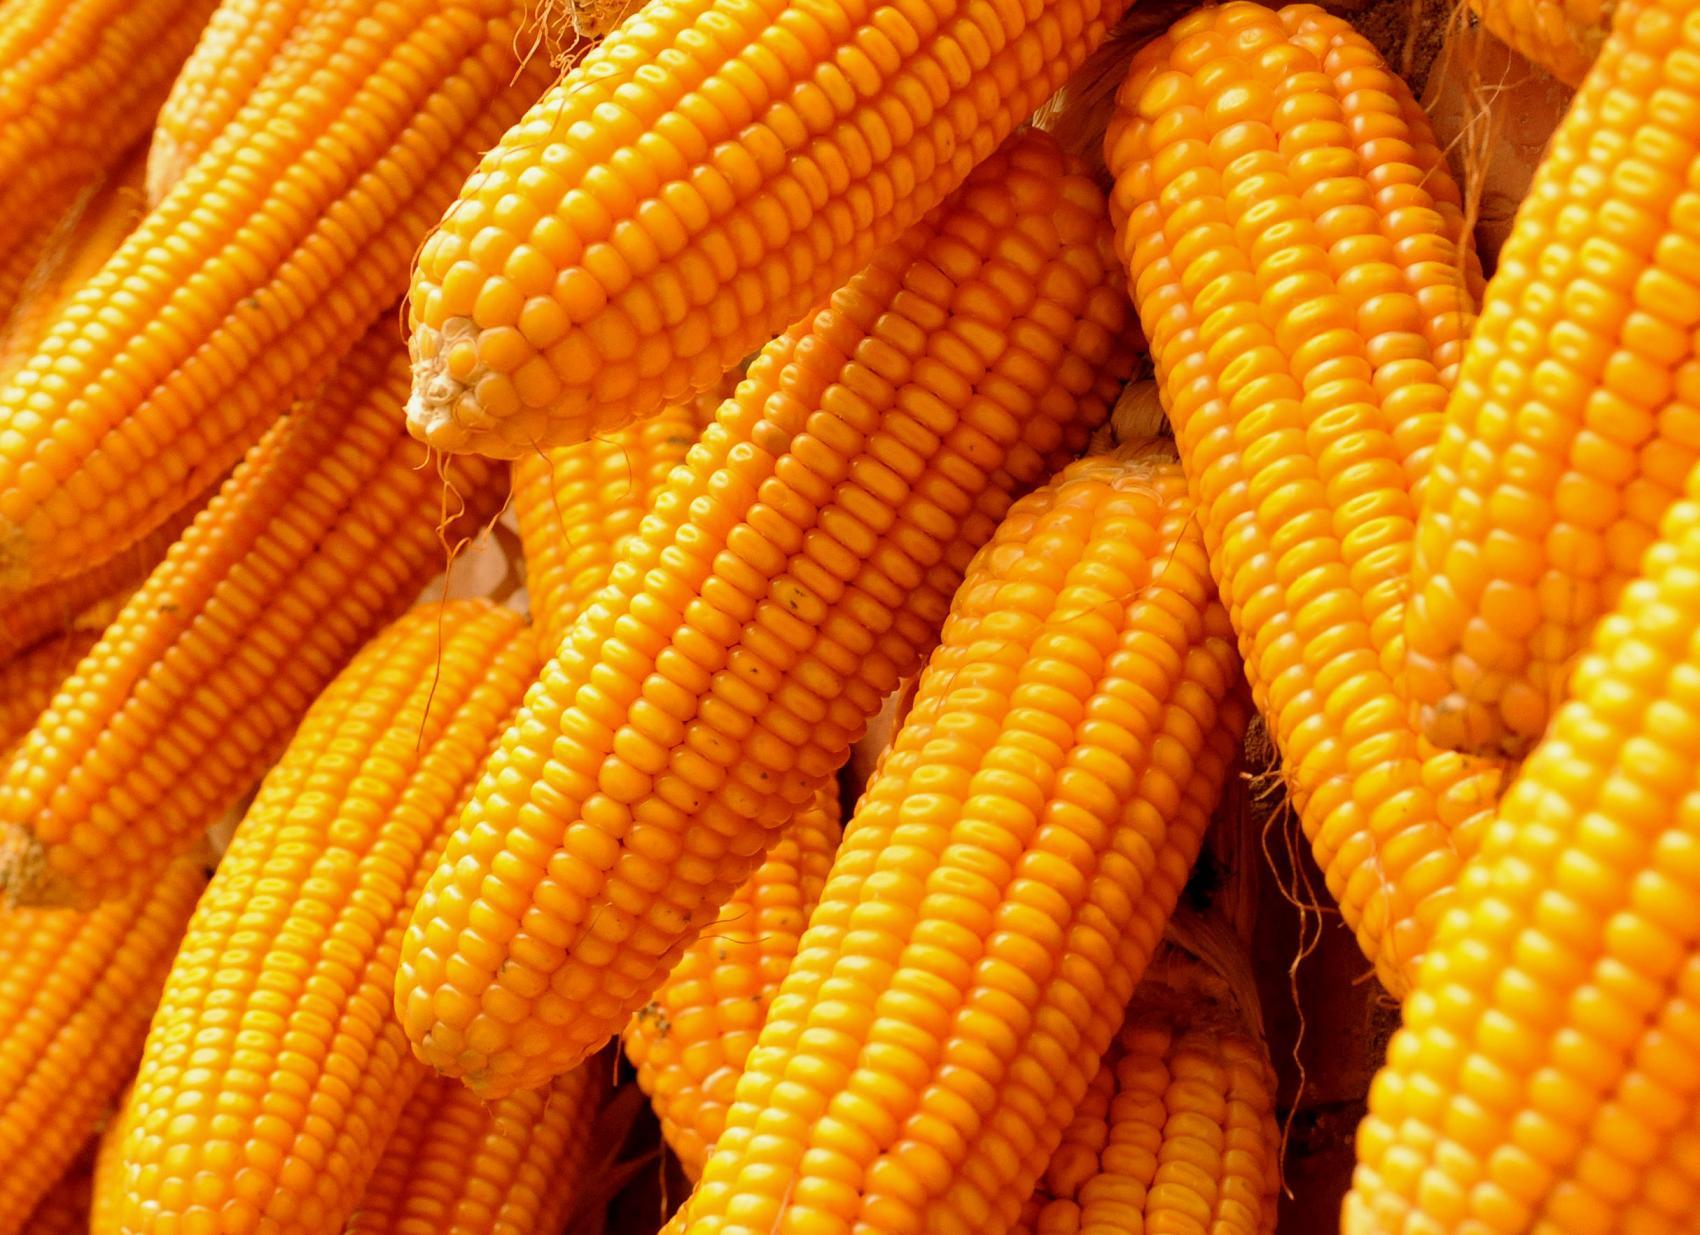 进口再传消息,玉米还得跌? 玉米市场情绪再次低迷!后期如何走?